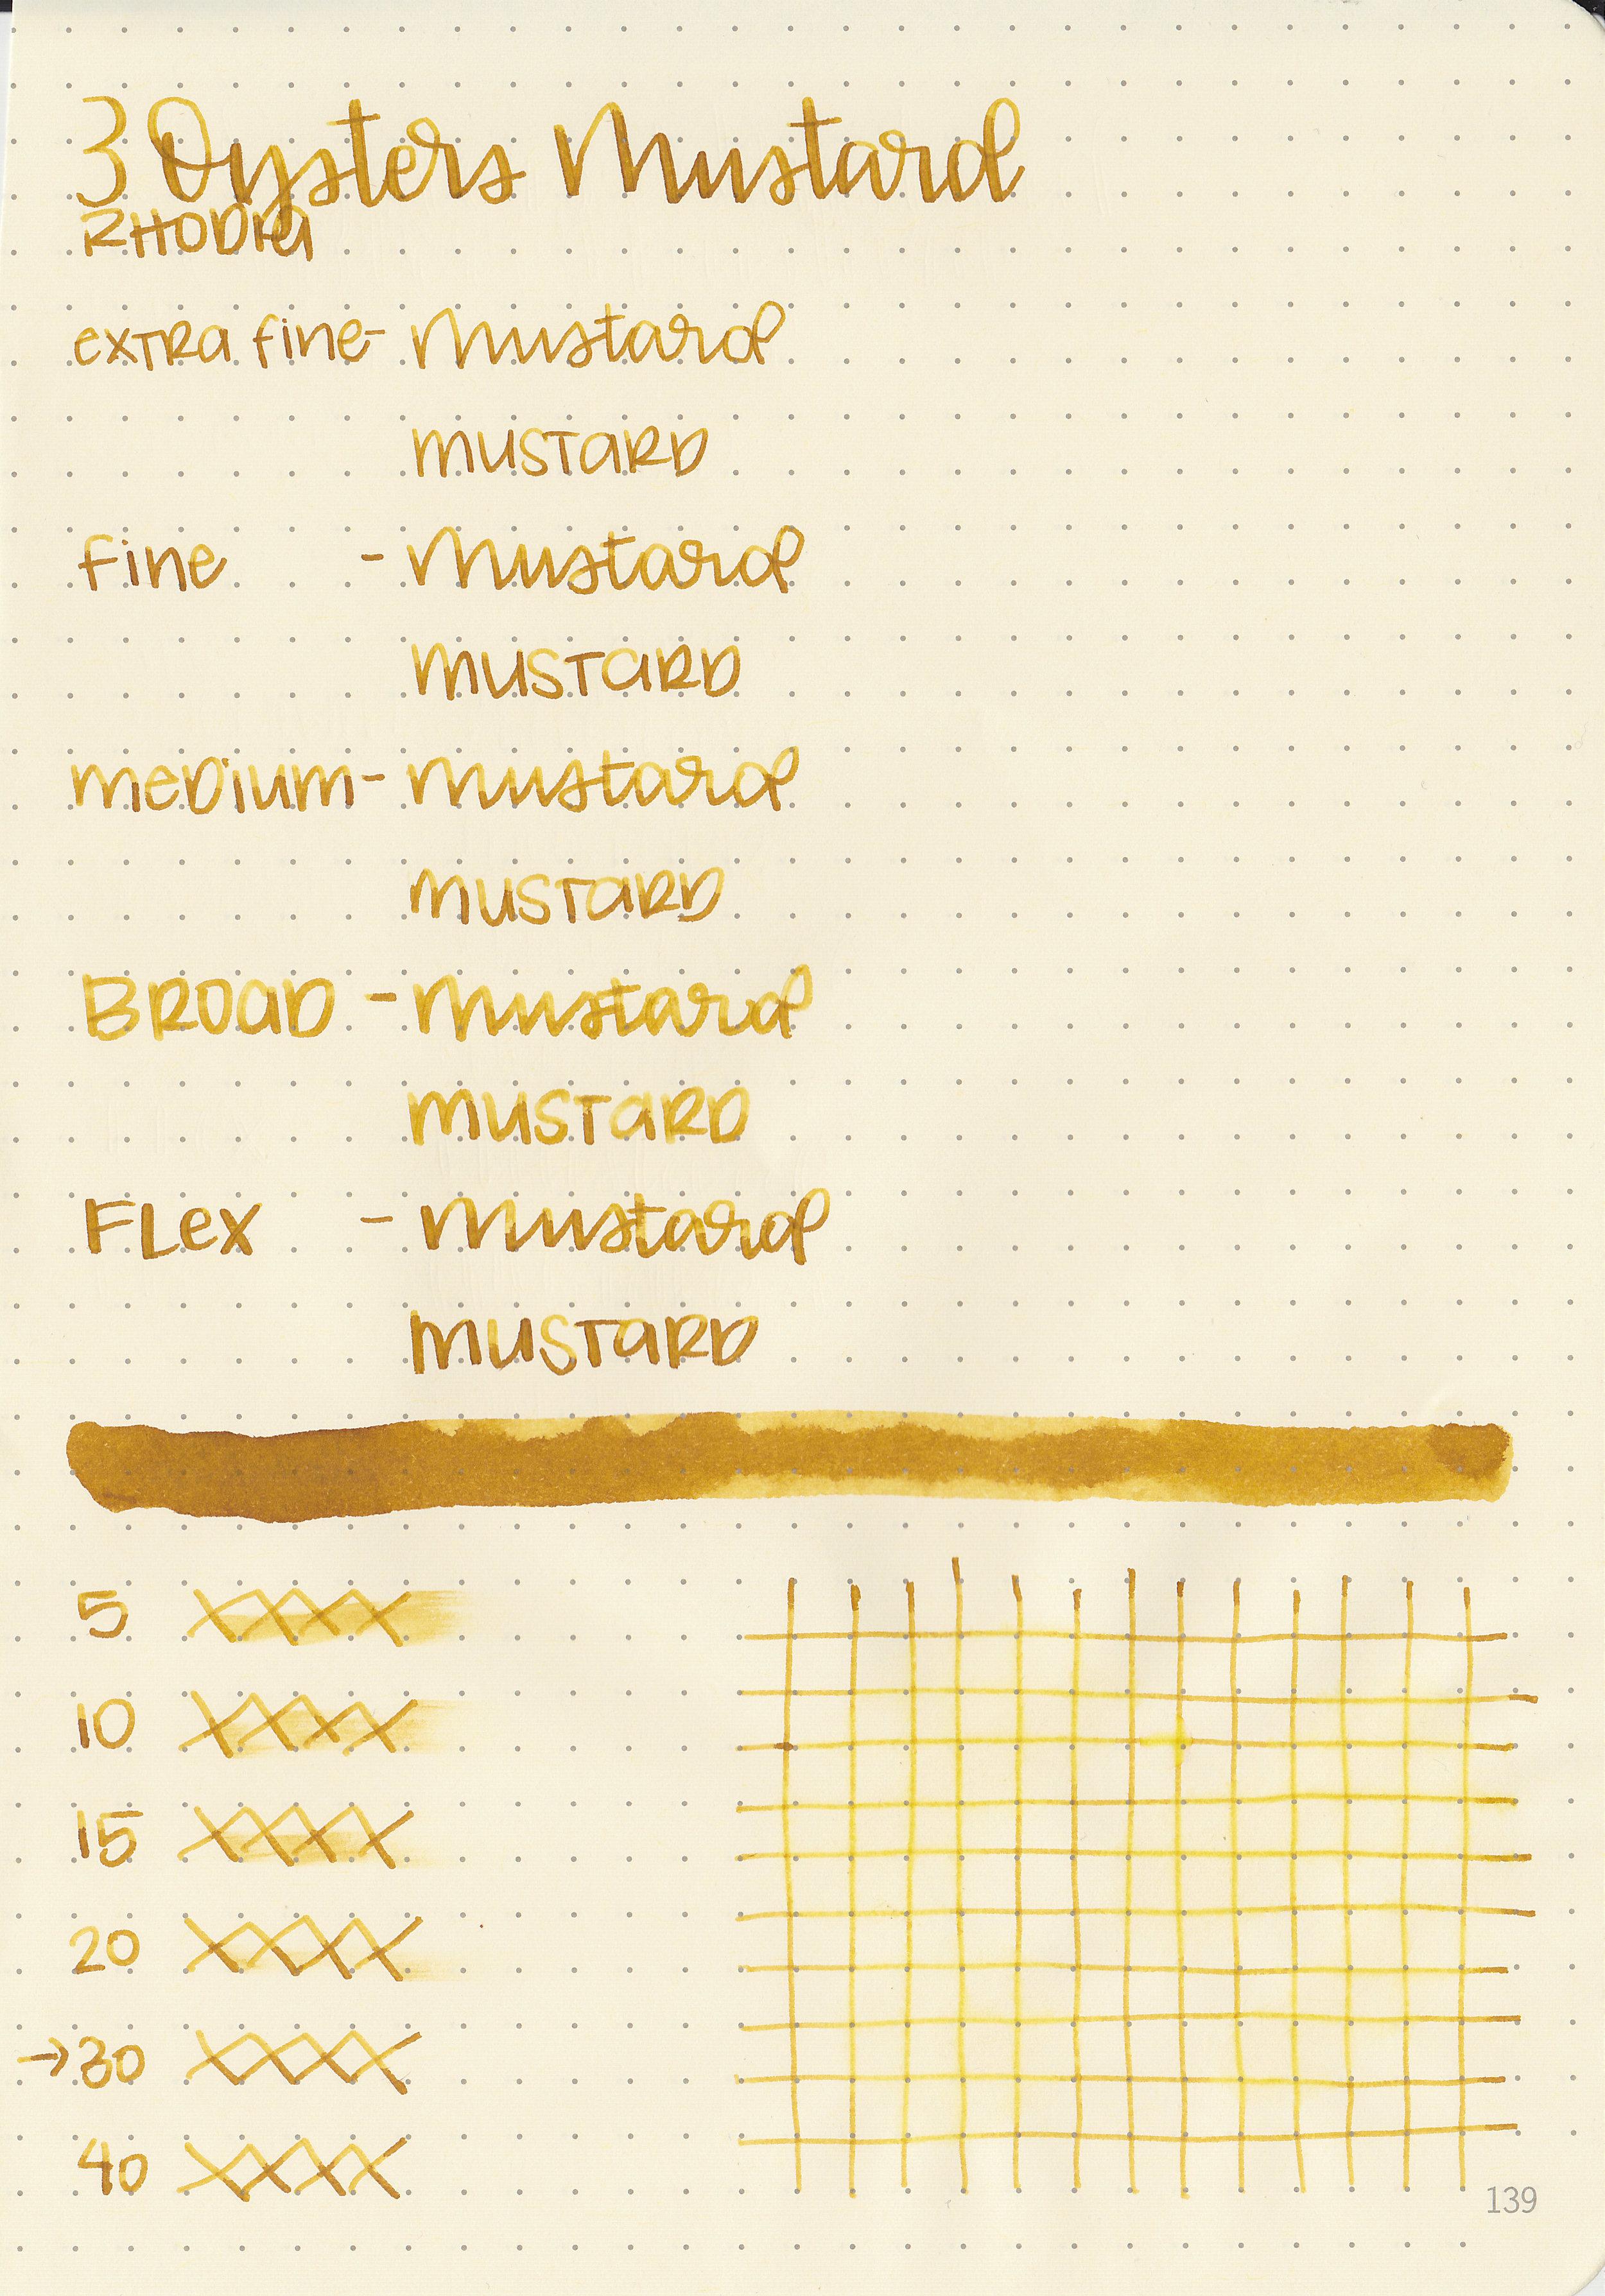 3o-mustard-5.jpg